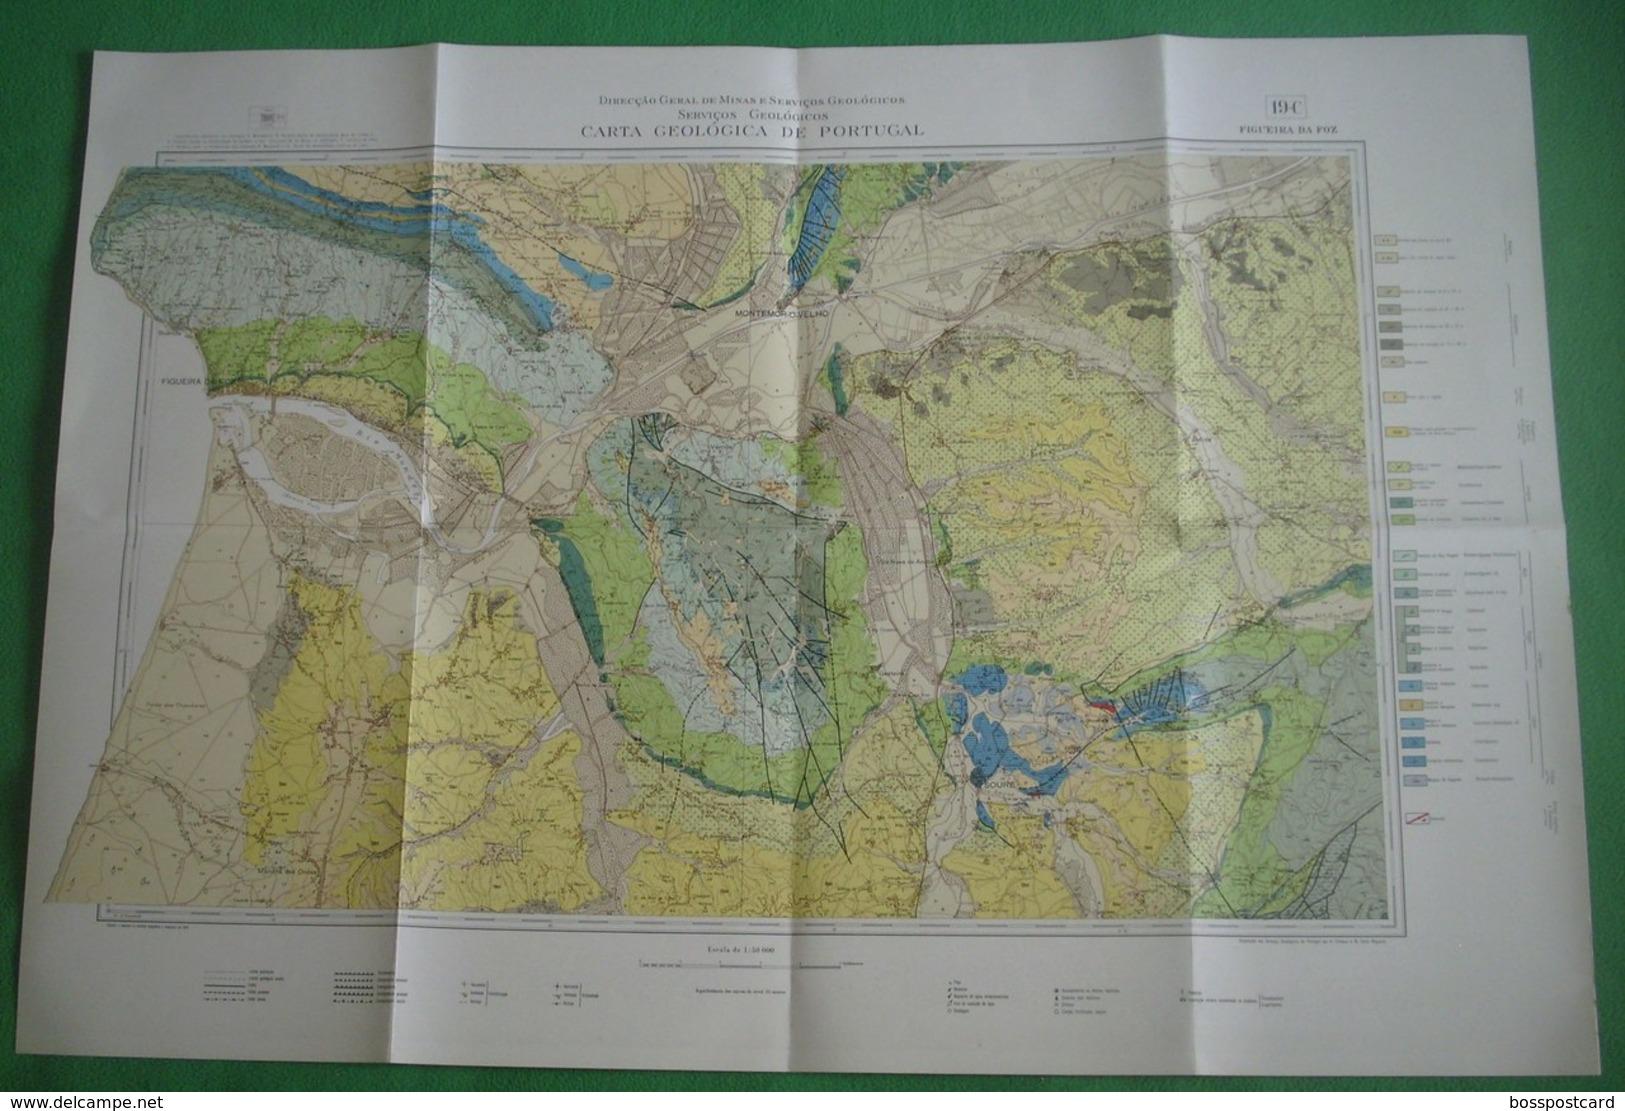 Figueira Da Foz - Carta Geológica De Portugal + Mapa. Coimbra. - Geographical Maps